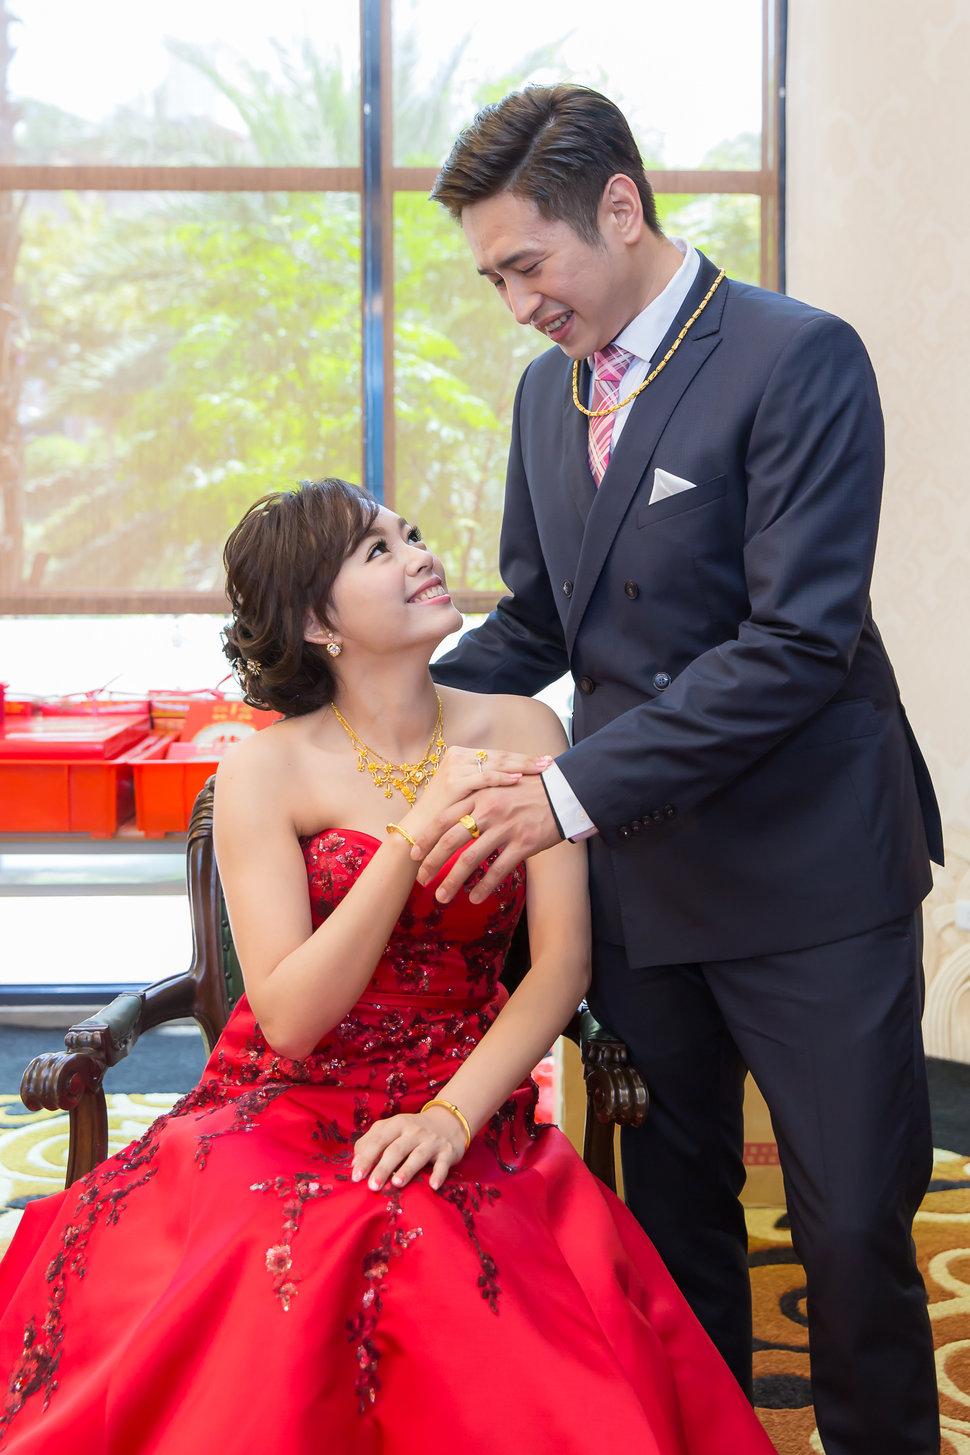 志平&宜柔_文定_南投寶旺萊6號花園酒店(編號:289128) - Baby Sweety Studio - 結婚吧一站式婚禮服務平台